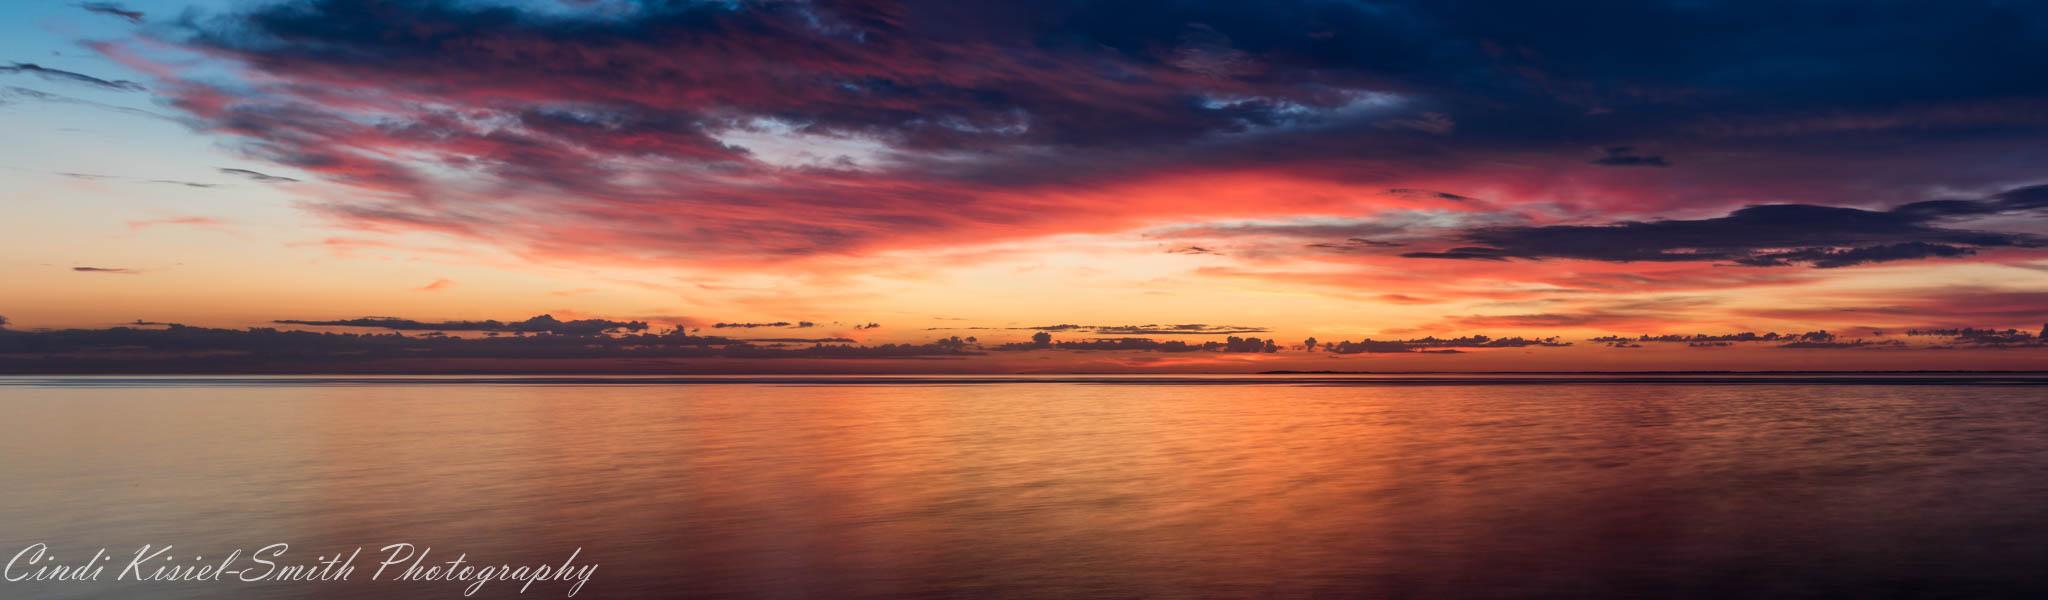 Buffalo NY Sunset, USA